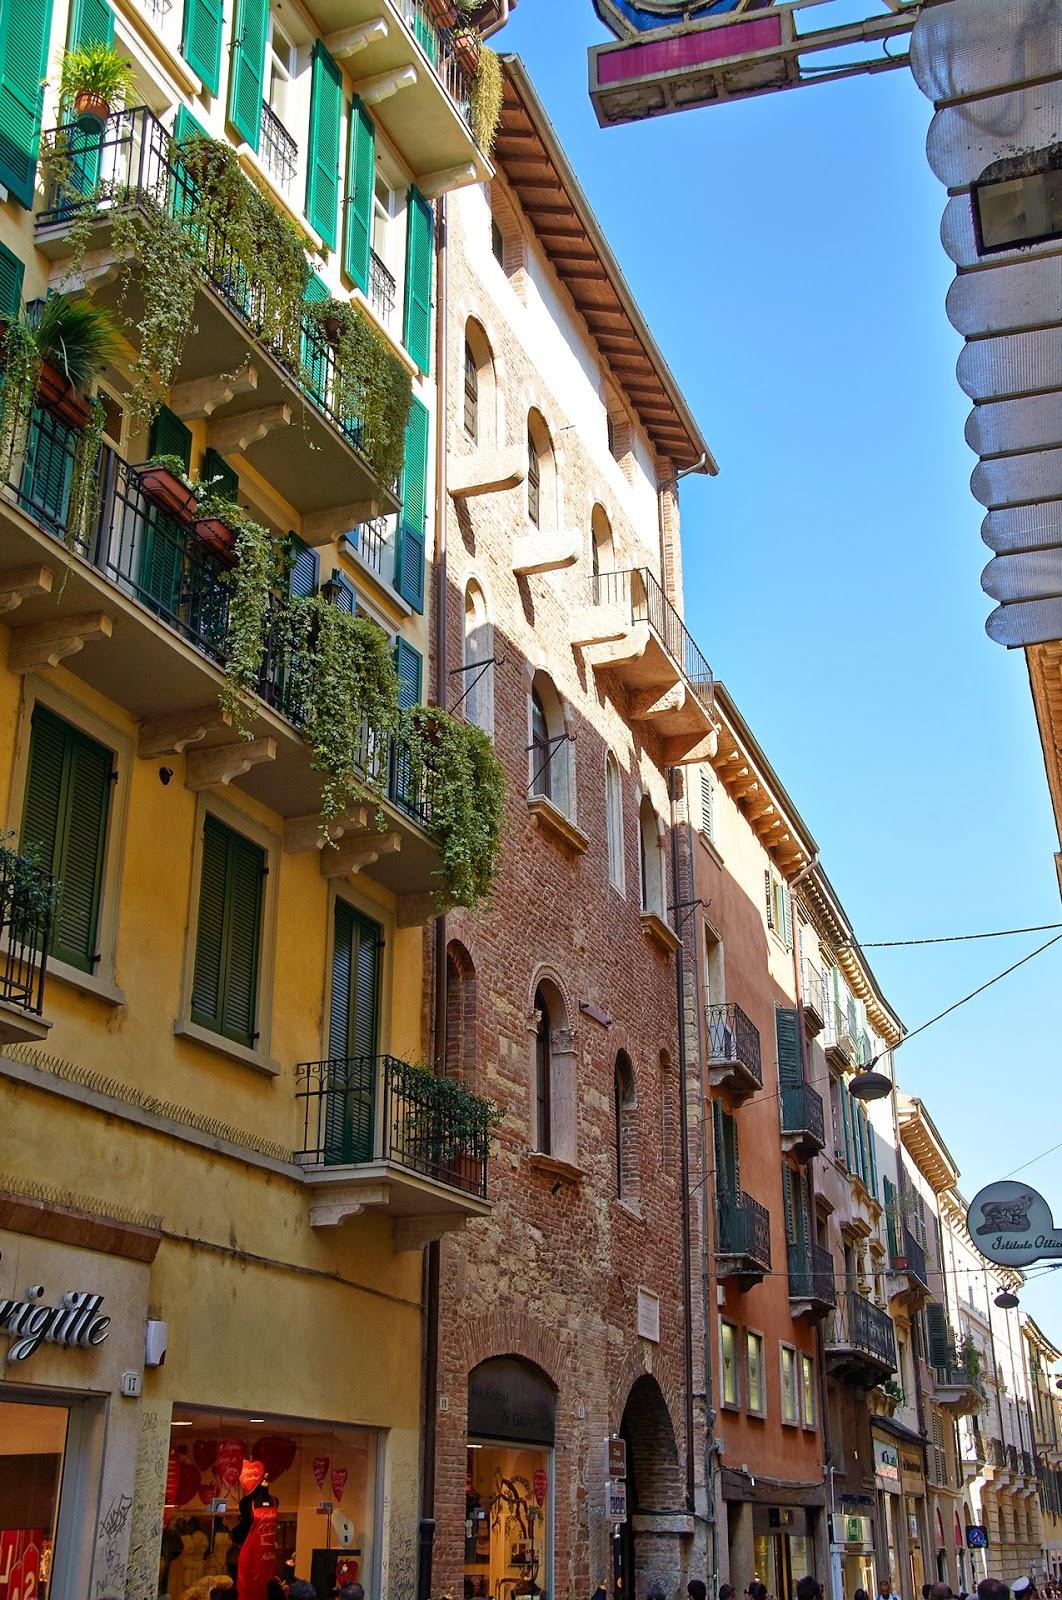 włoskie uliczki w Weronie